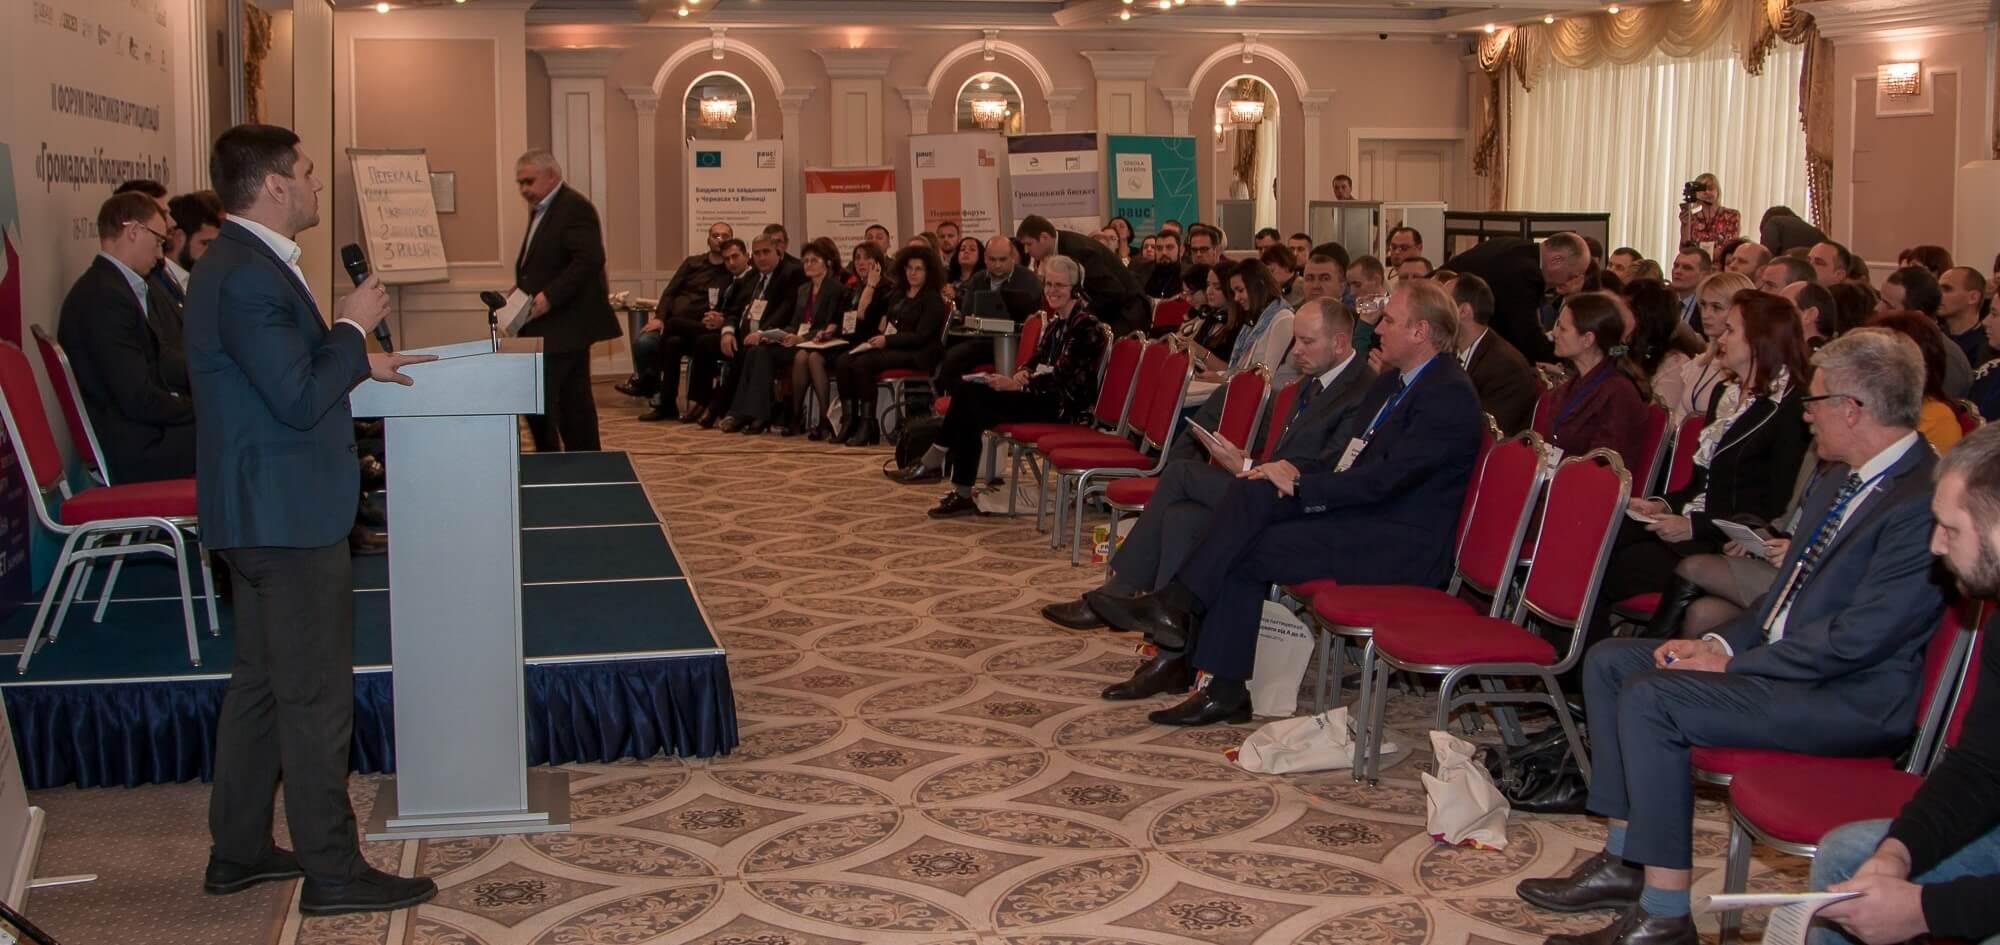 У столиці зібралися партиципатори з України, країн ЄС, Грузії та Молдови, щоб обмінятися кращими практиками впровадження бюджету участі